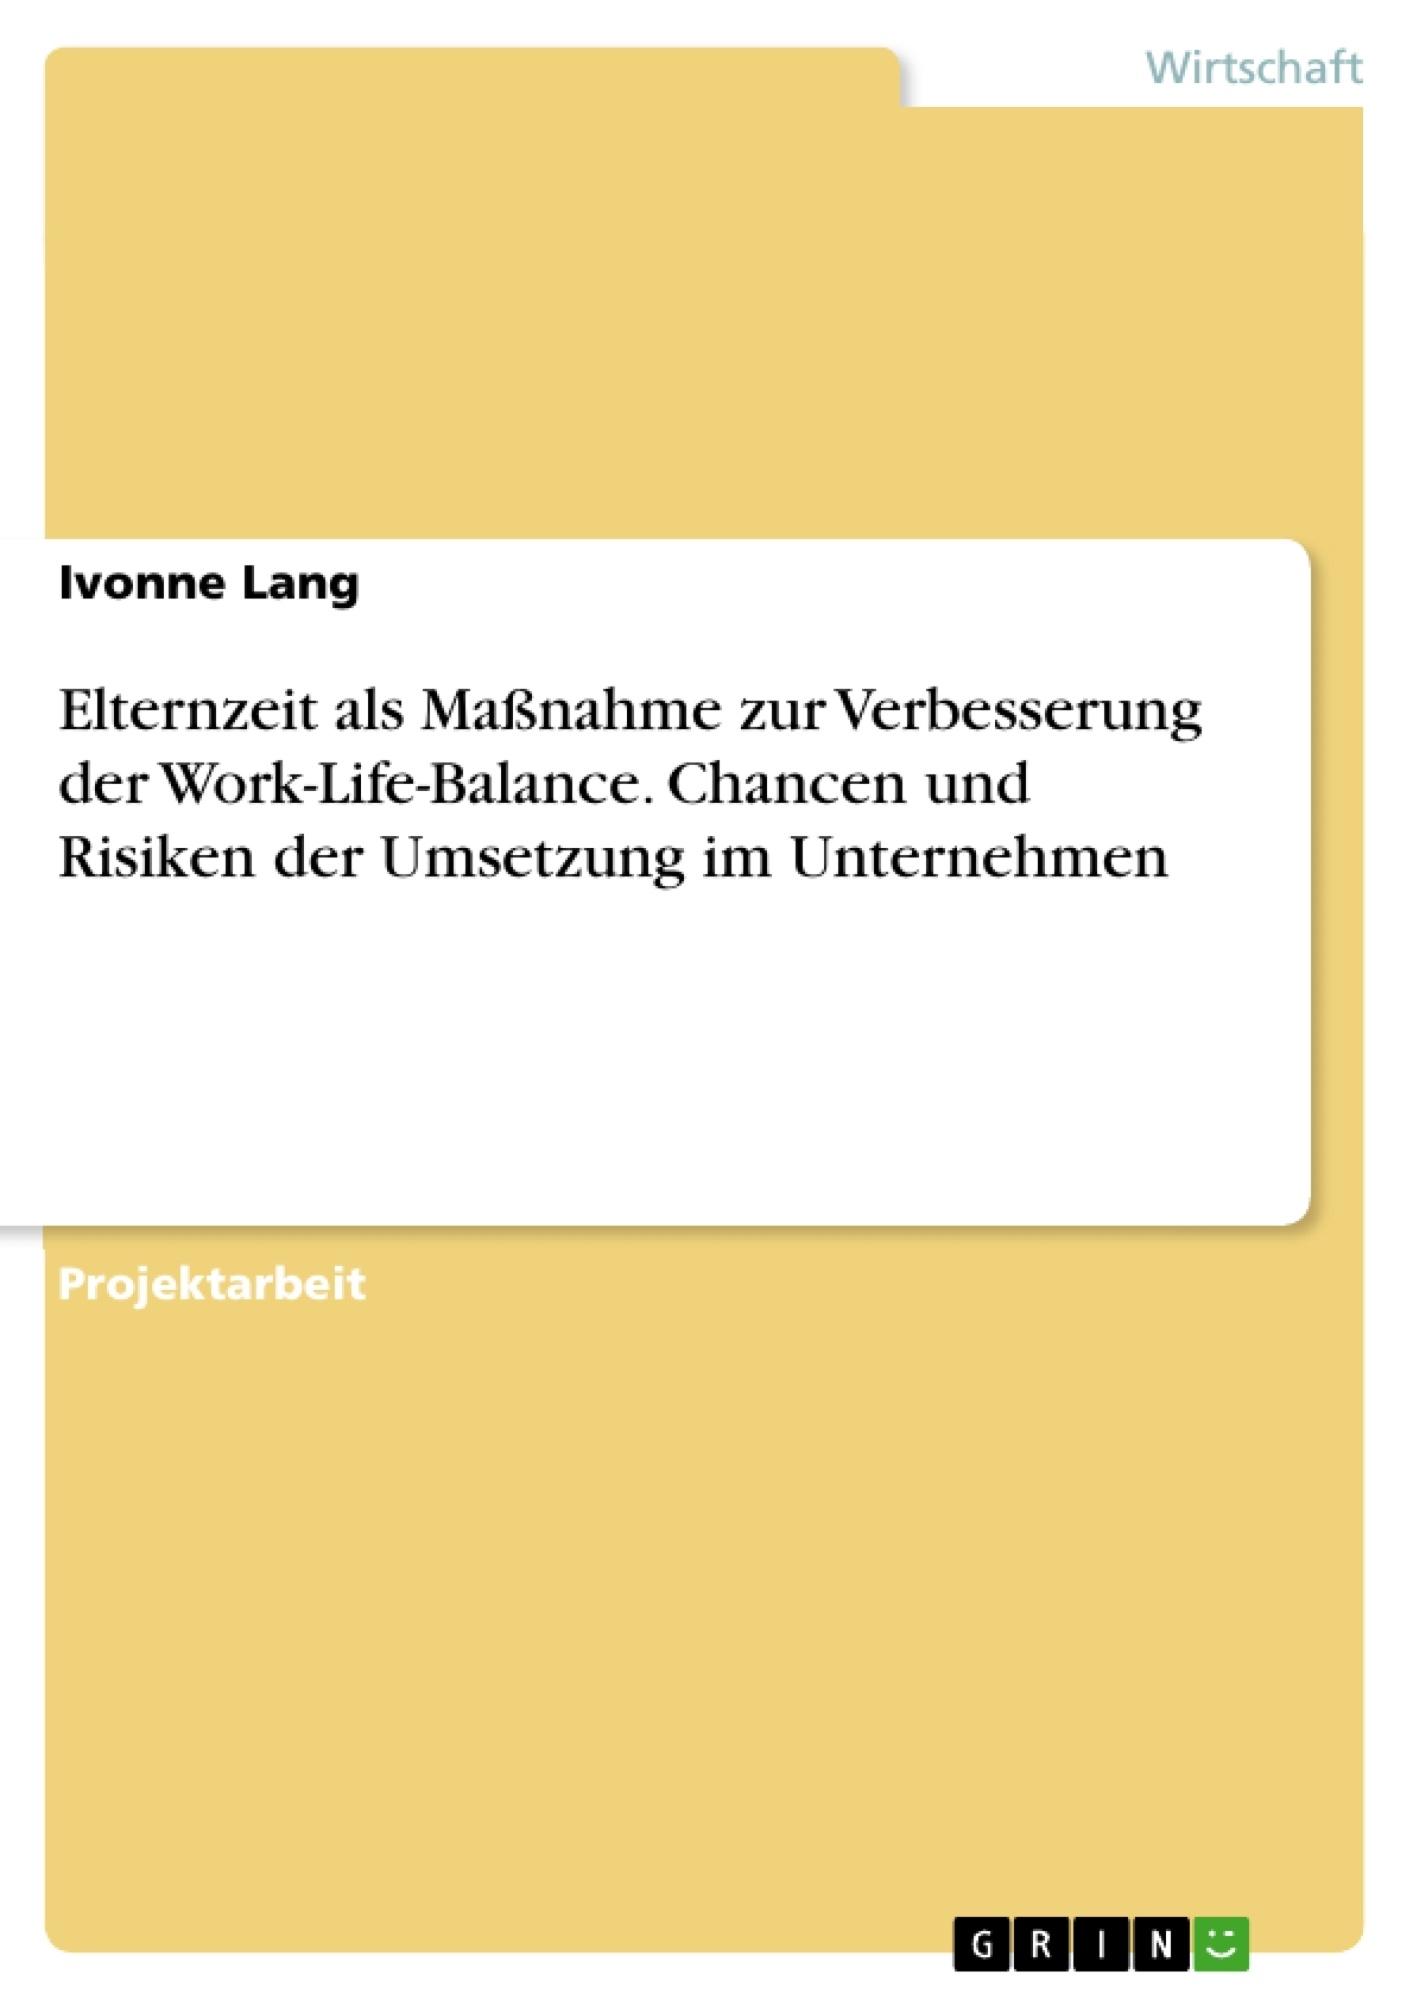 Titel: Elternzeit als Maßnahme zur Verbesserung der Work-Life-Balance. Chancen und Risiken der Umsetzung im Unternehmen